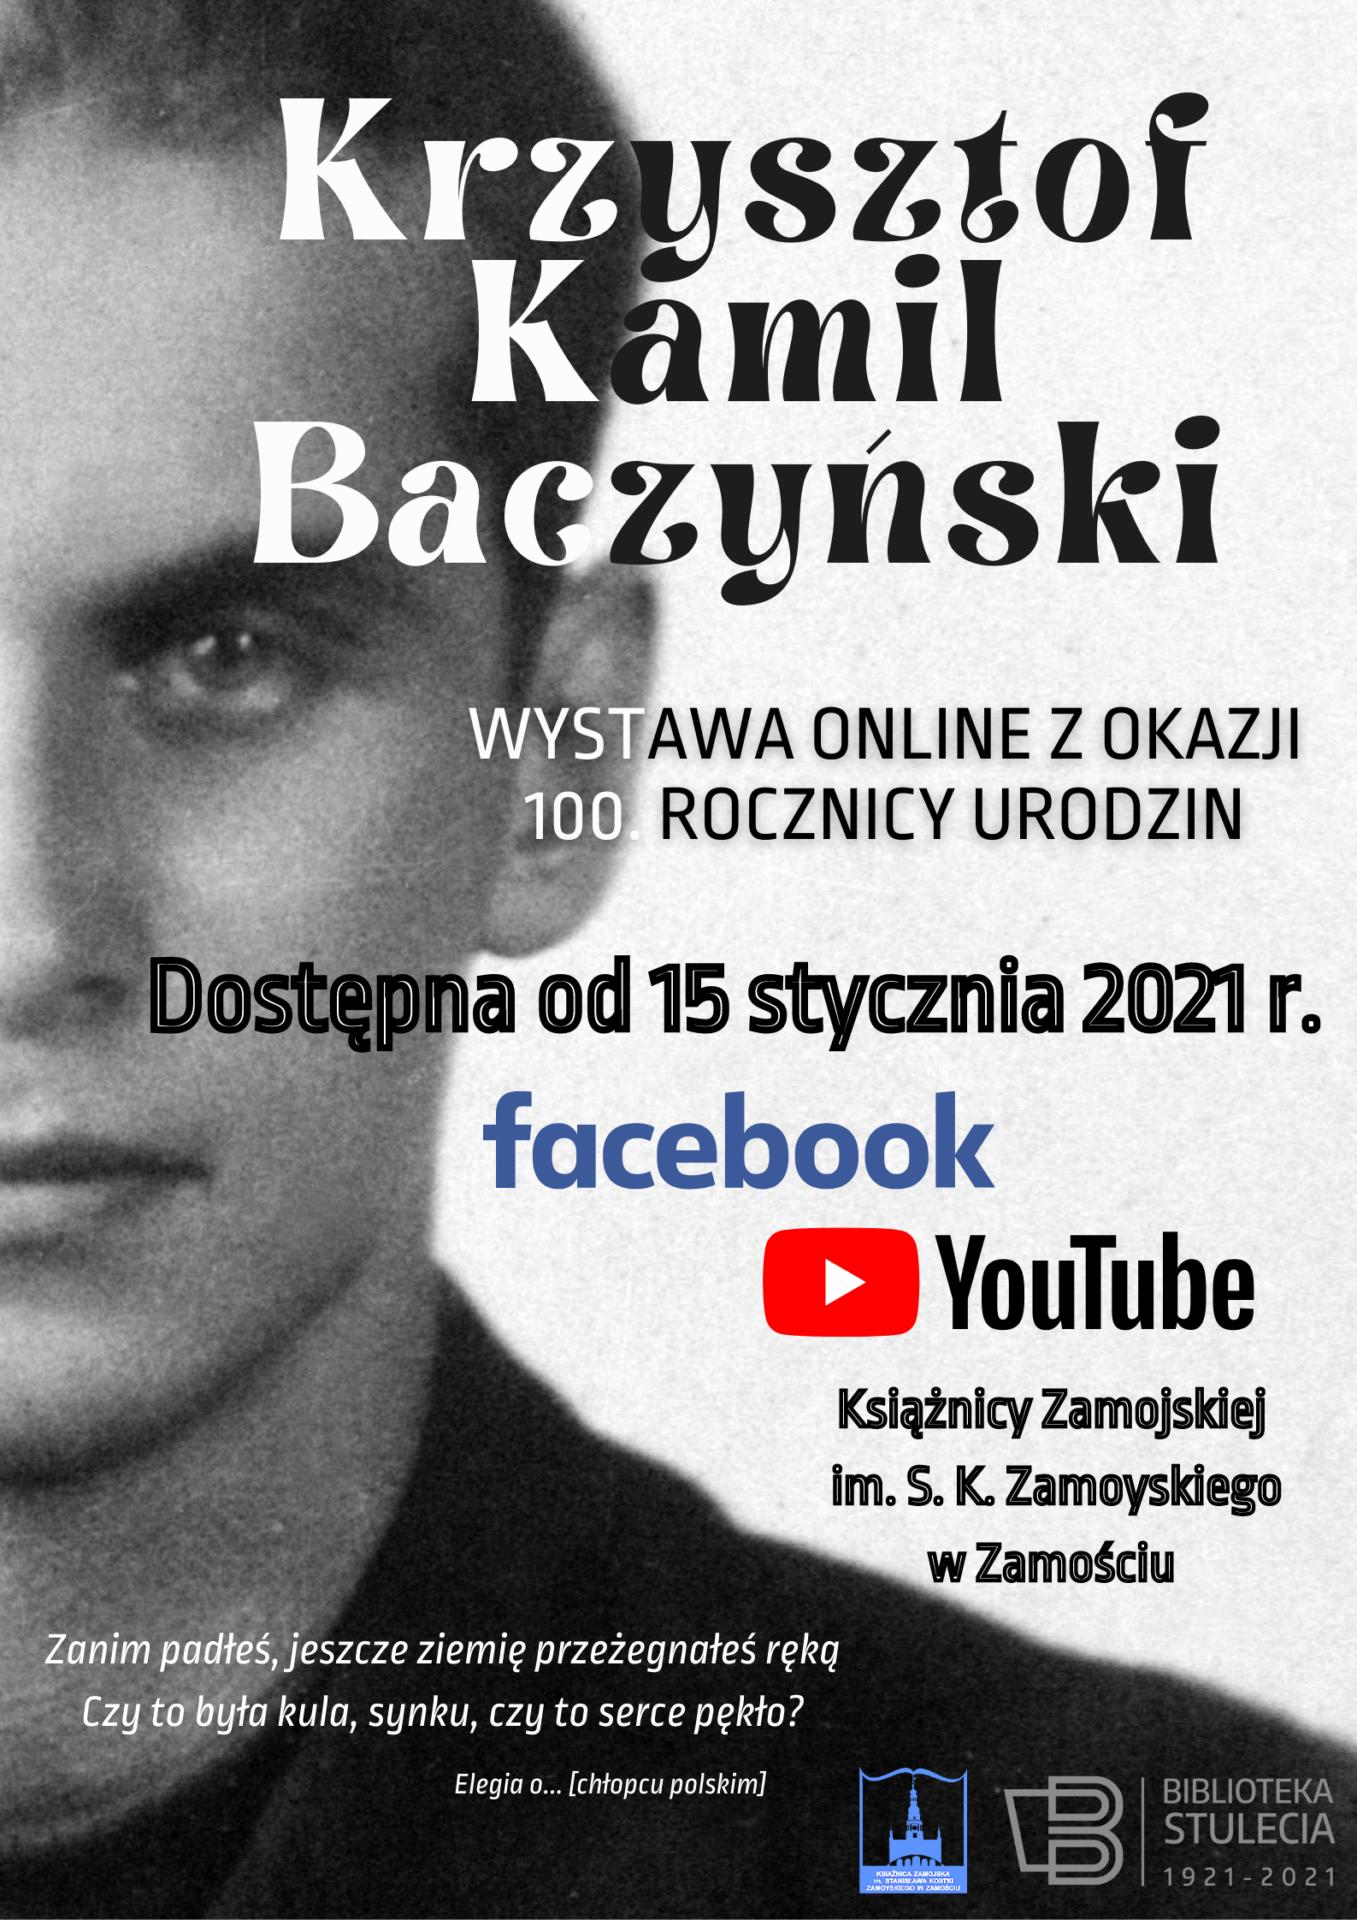 baczynskiplakatwystawa21 Krzysztof Kamil Baczyński – wystawa z okazji 100. rocznicy urodzin